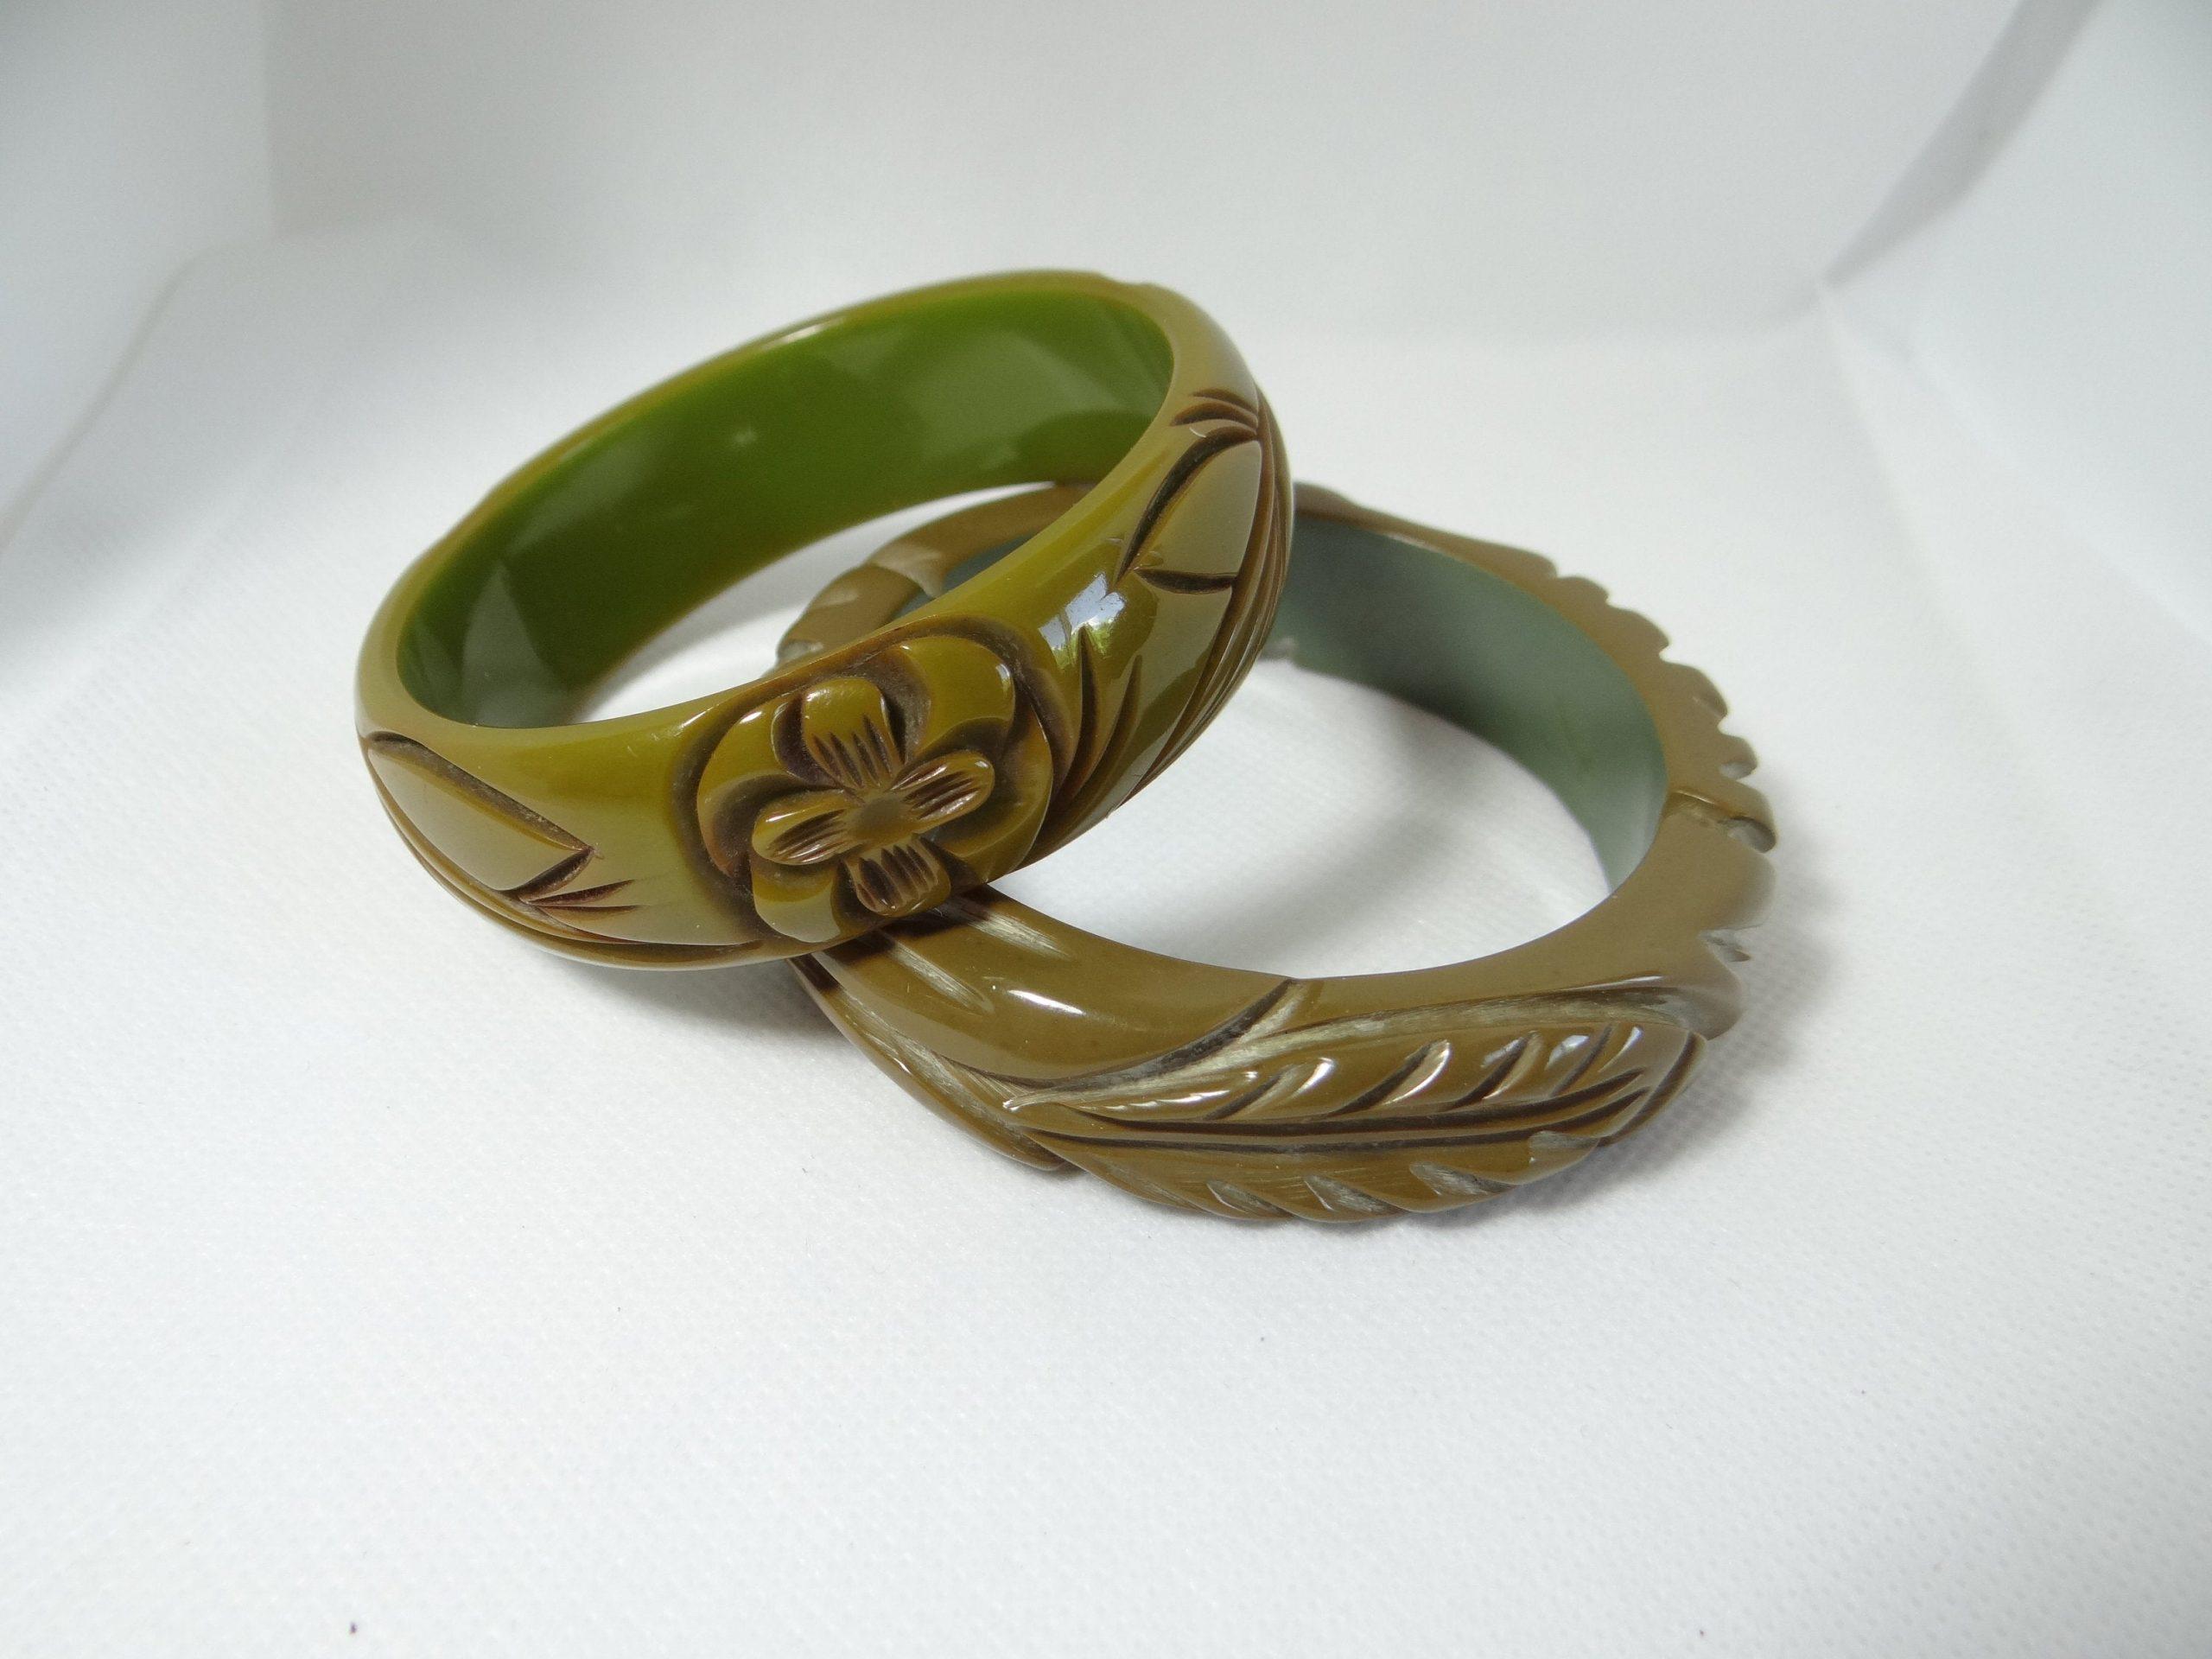 Vintage Caramel Carved Bakelite Bangle Bracelet ca 1940s